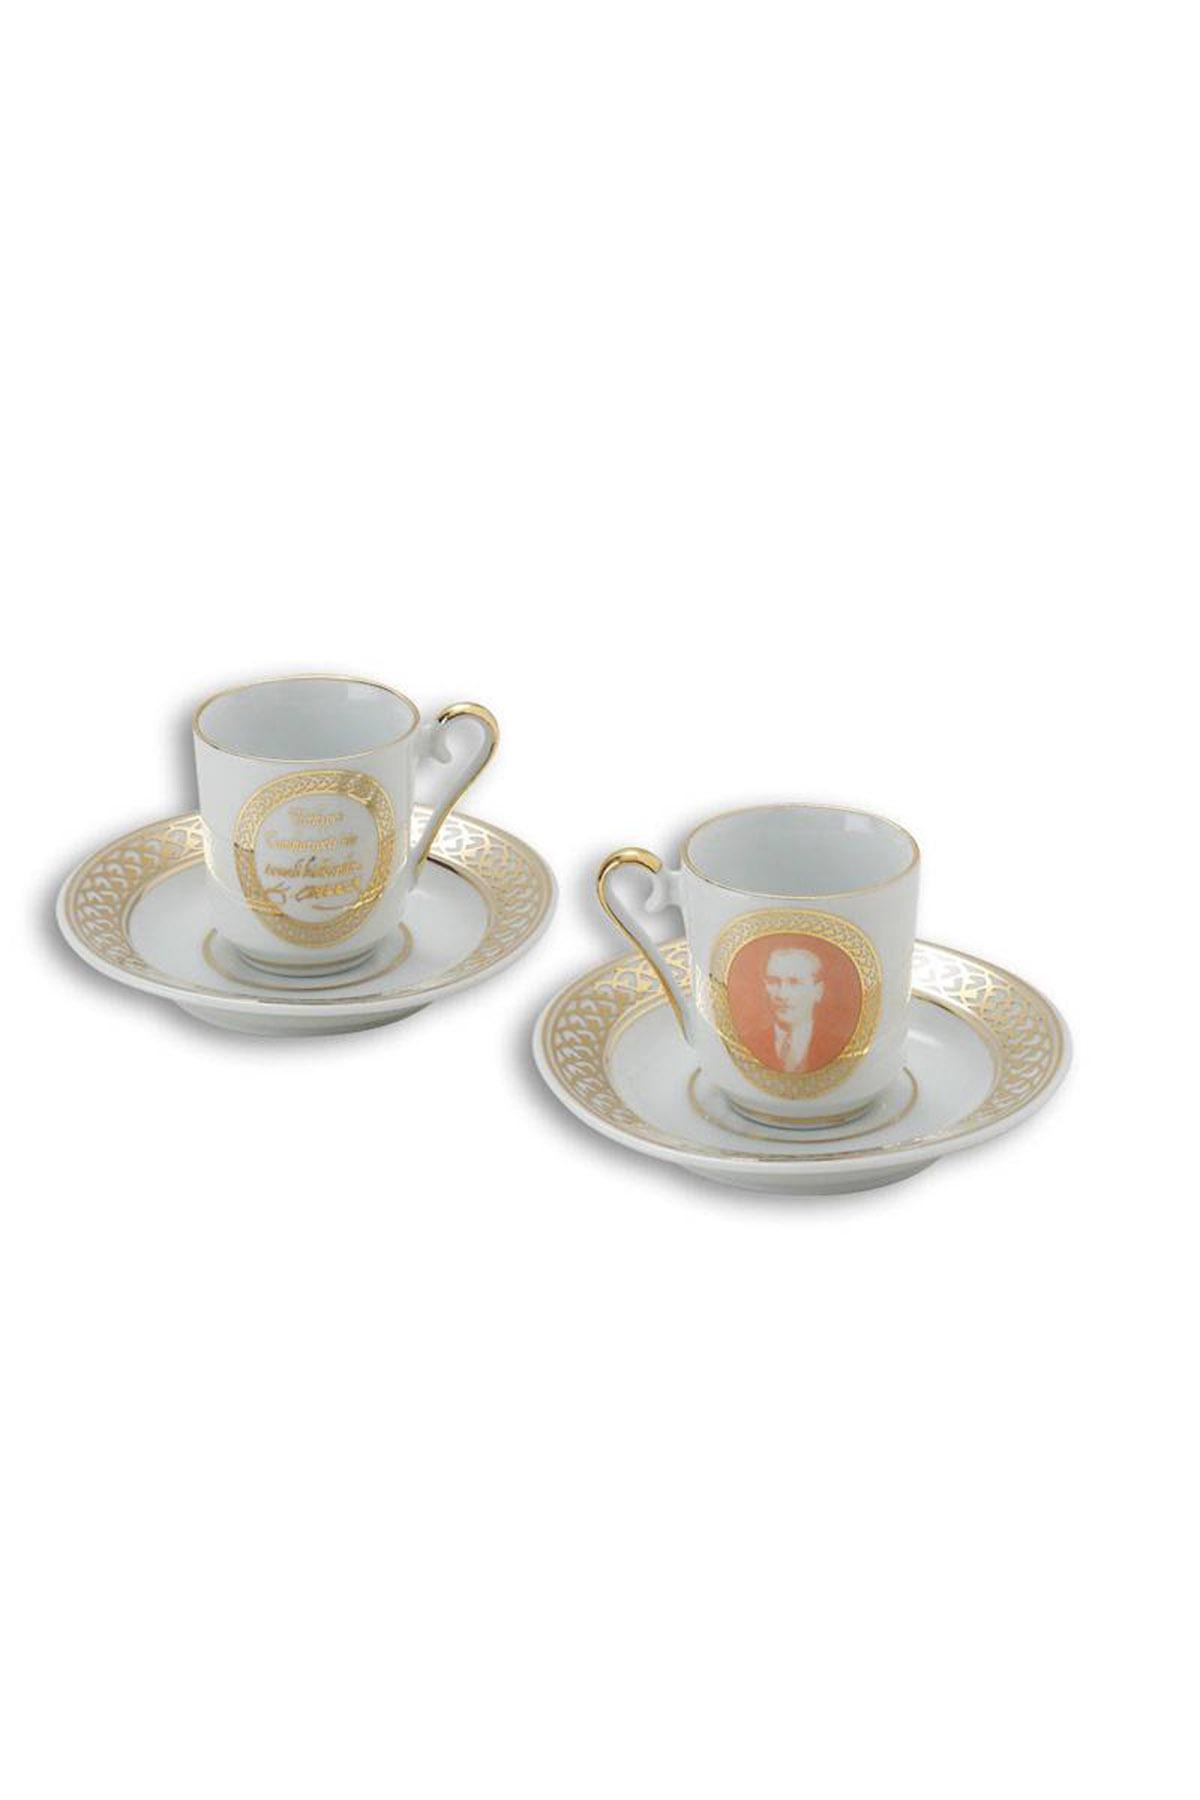 Kütahya Porselen - Kütahya Porselen Atatürk Beyaz Kahve Fincan Takımı